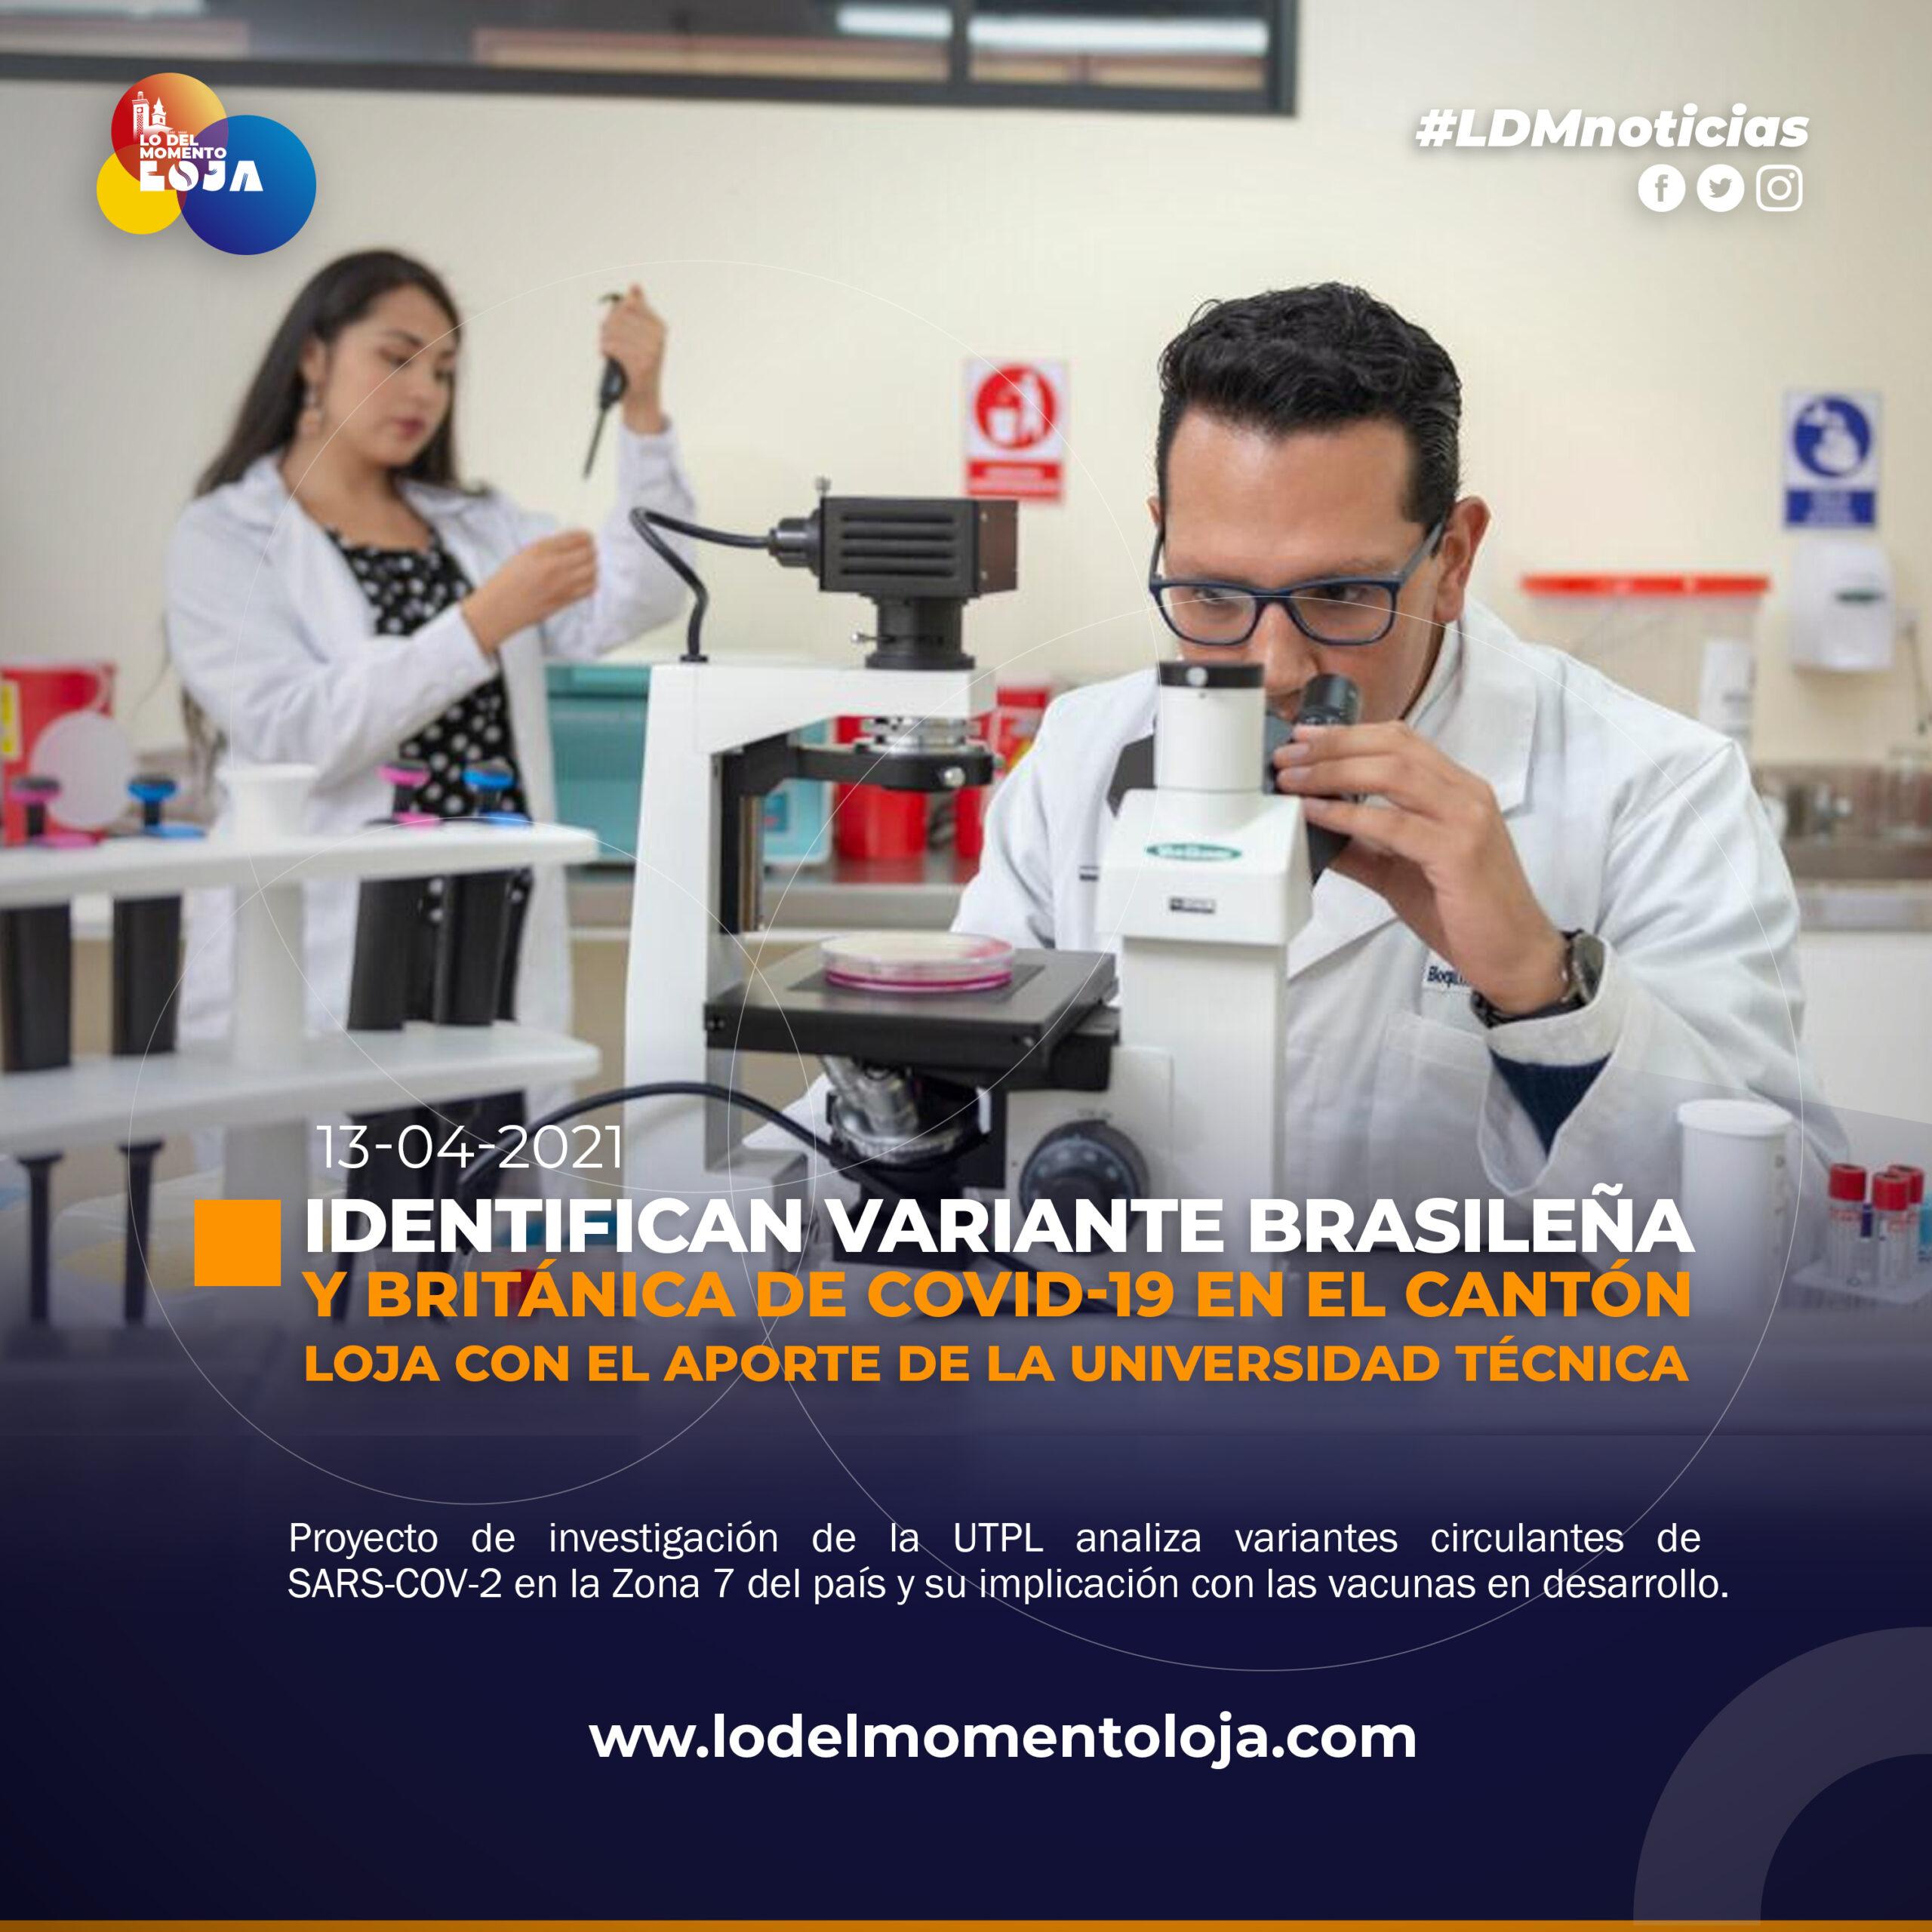 UTPL aporta a la identificación de variante brasileña y británica COVID-19 en el cantón Loja.